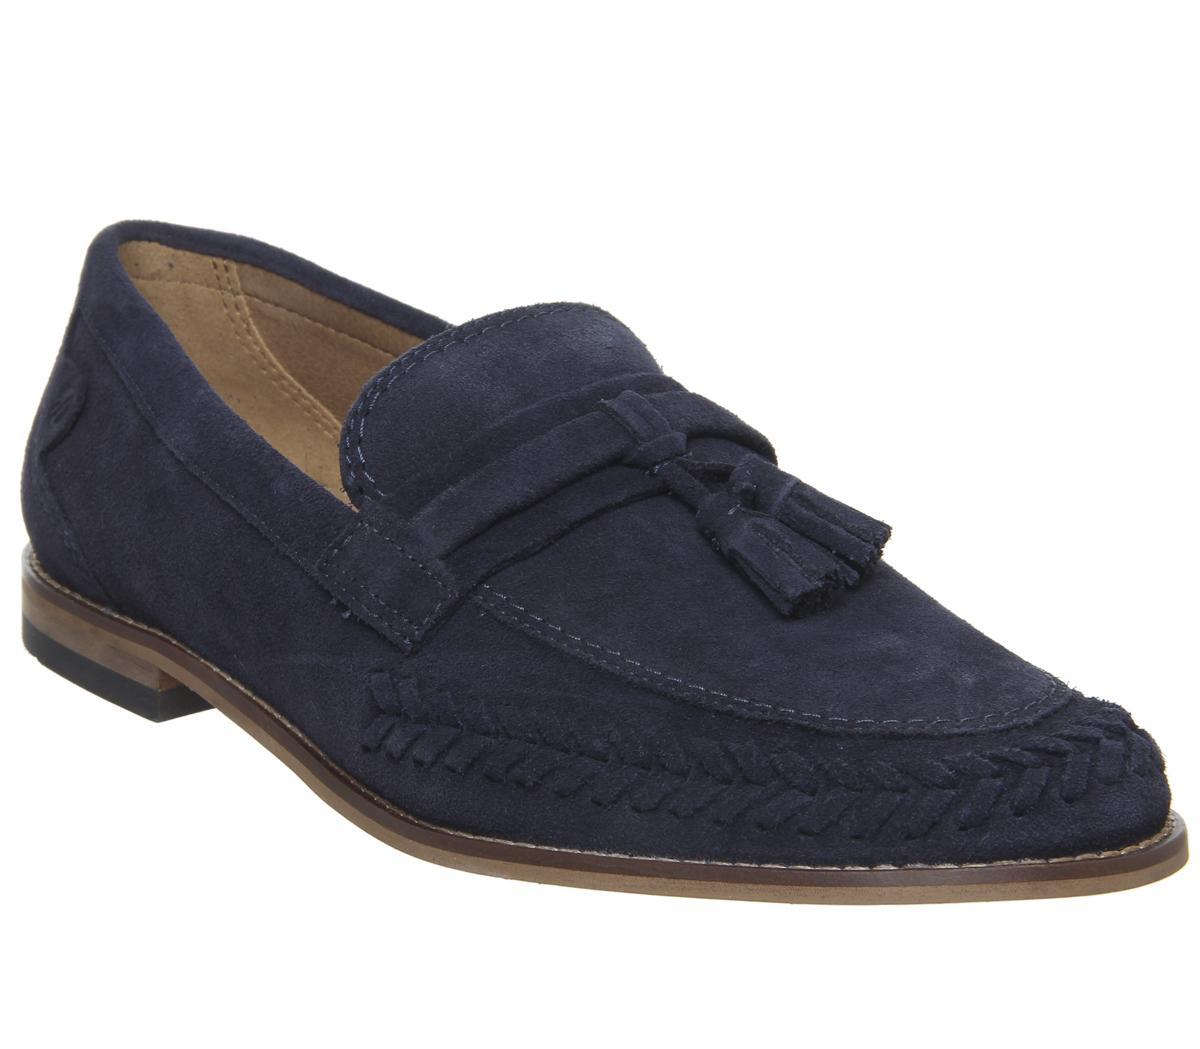 Cannock Tassel Loafers